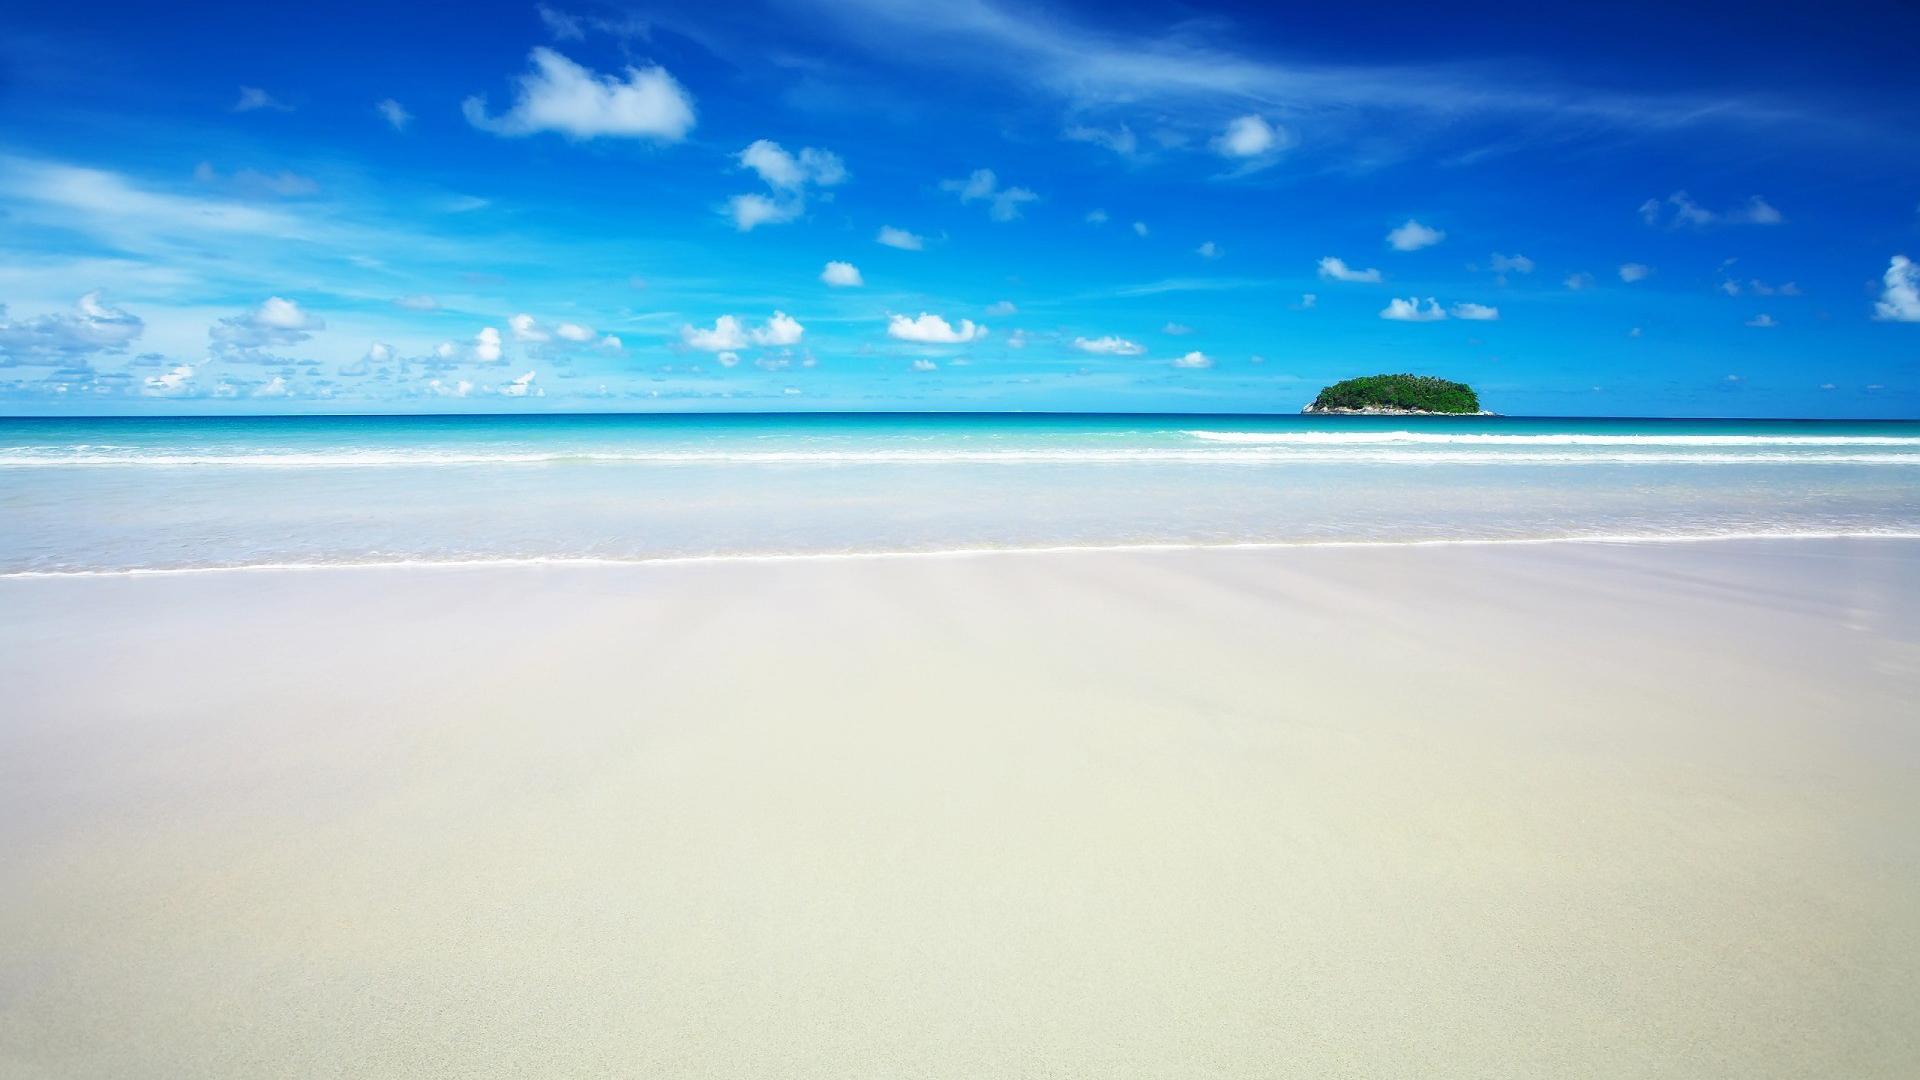 風景怡人的海灘高清寬屏桌面壁紙